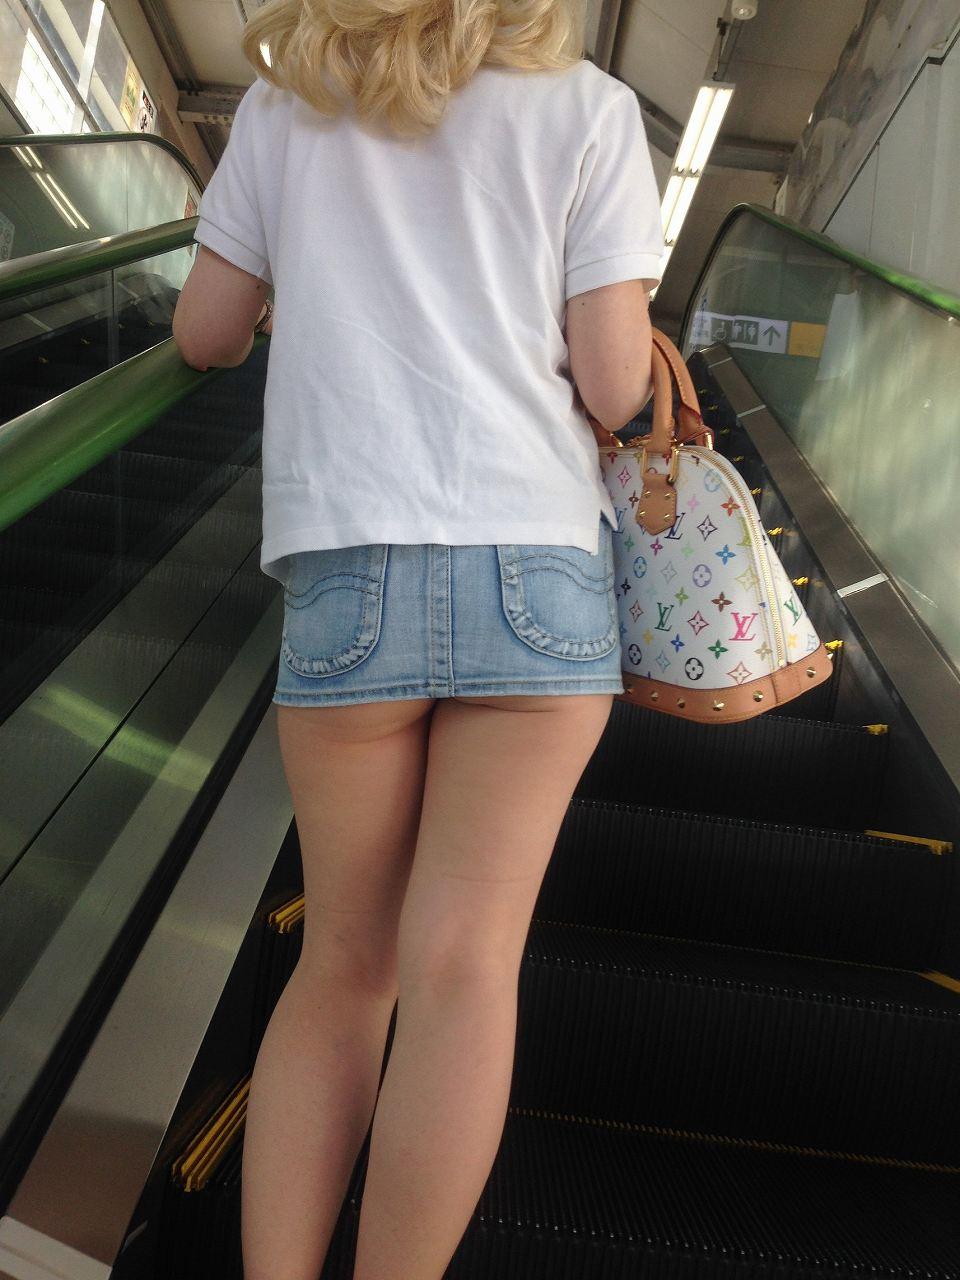 超ミニスカートで尻肉が少しハミ出る!